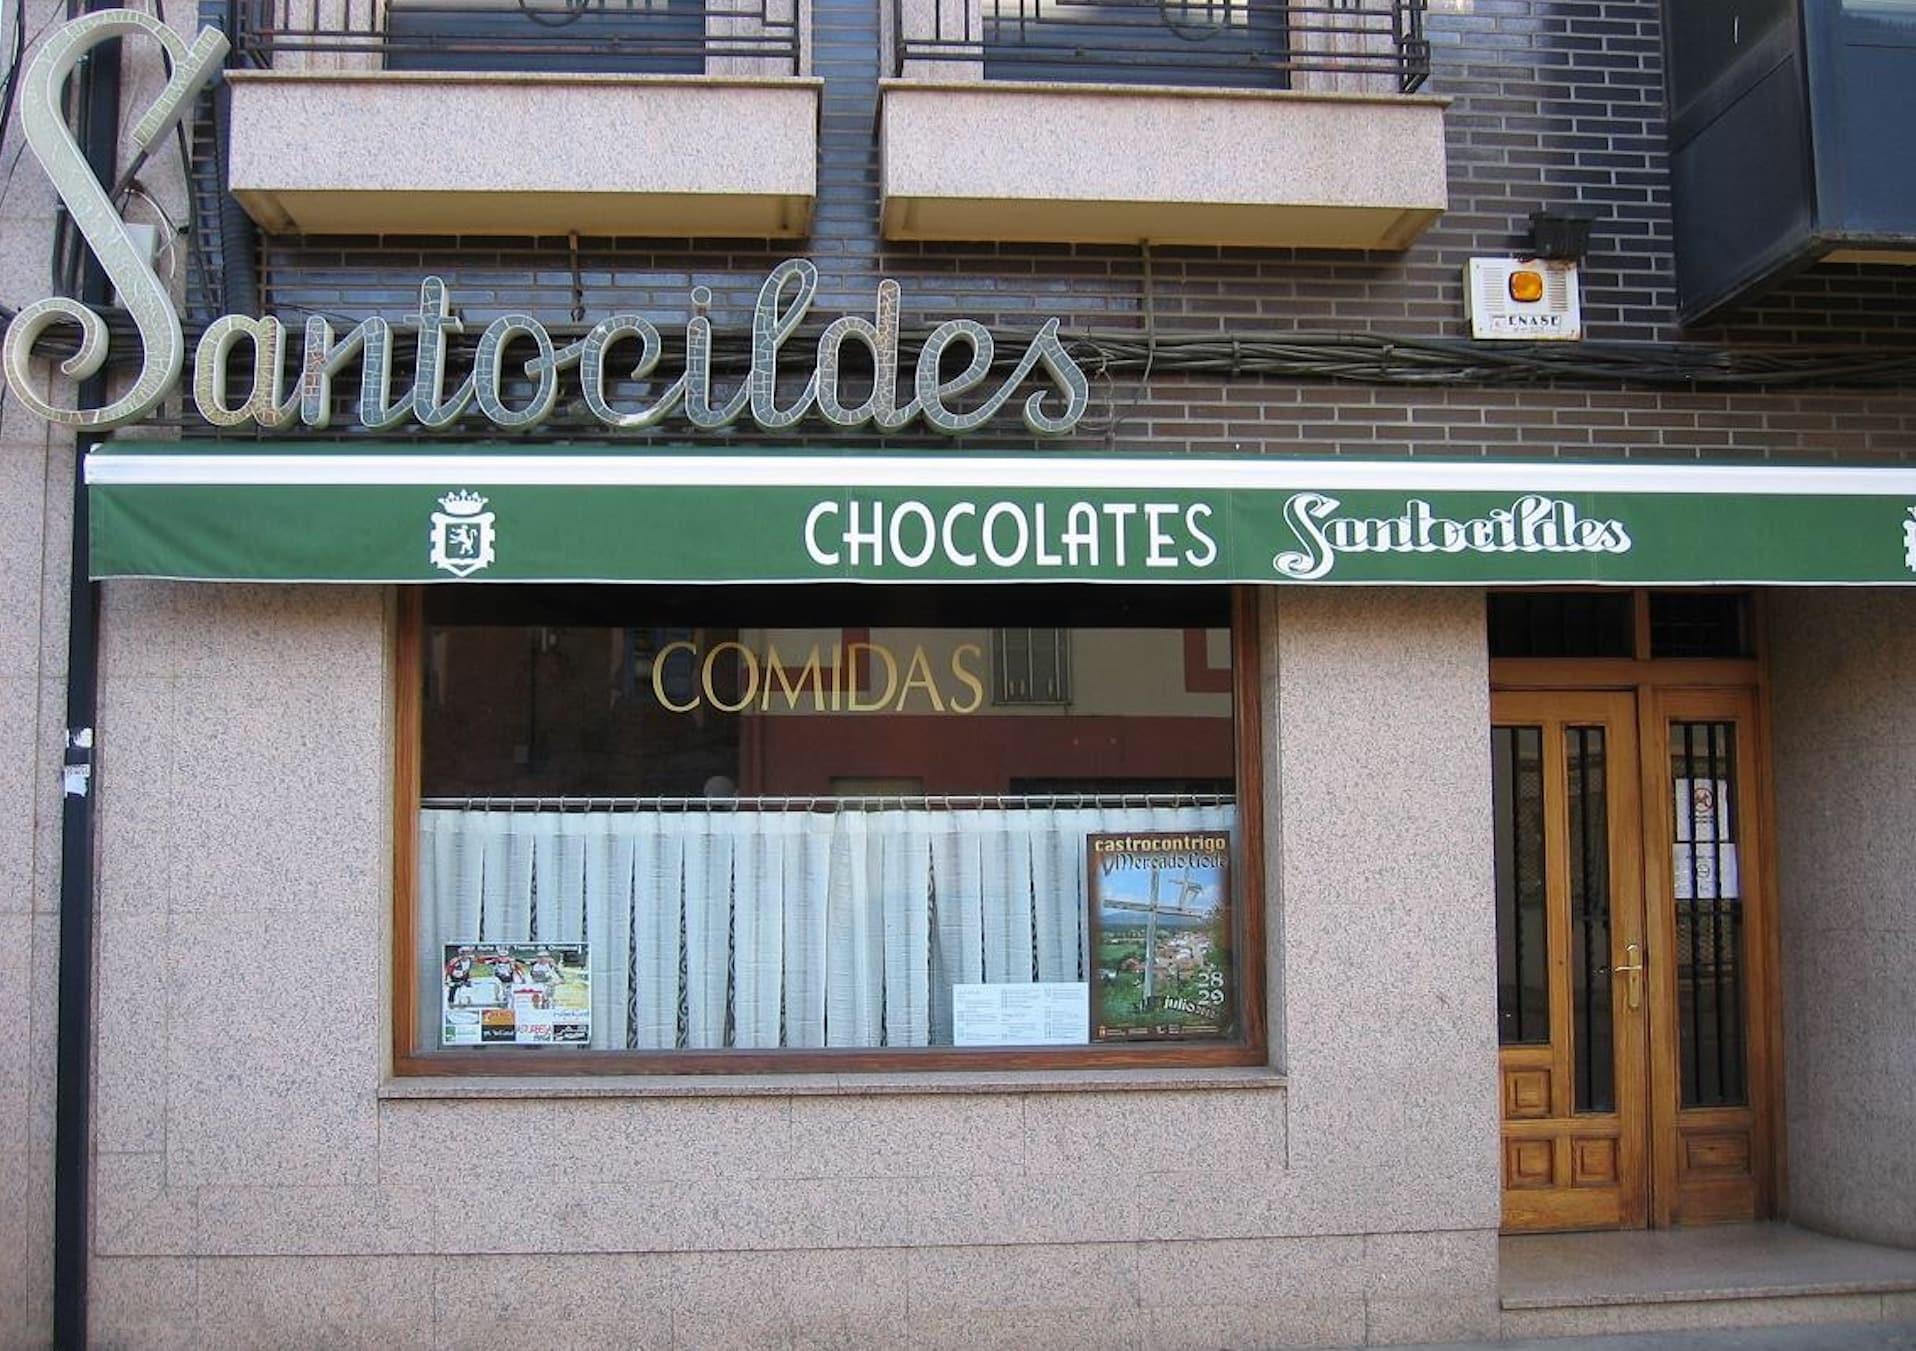 Tienda de Chocolates Santocildes en Castrocontrigo